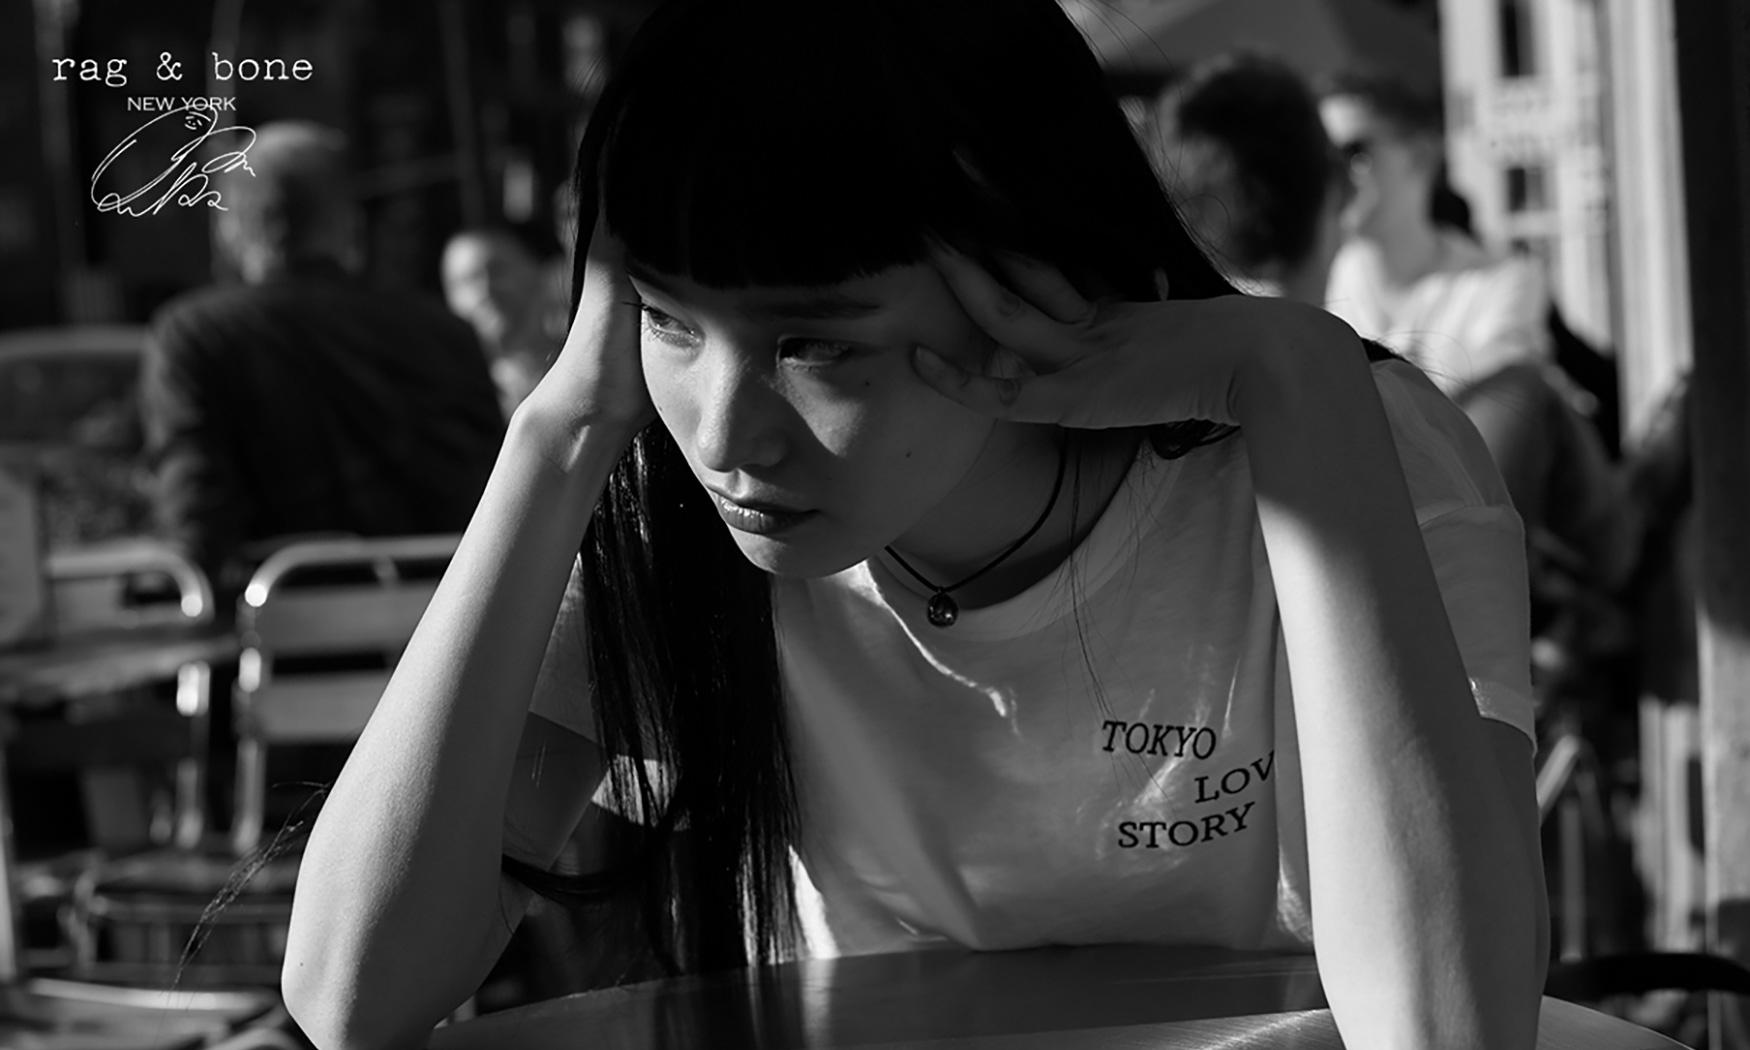 """日模 YUKA MANNAMI 演绎 rag & bone 全新 """"D.I.Y. PROJECT"""""""